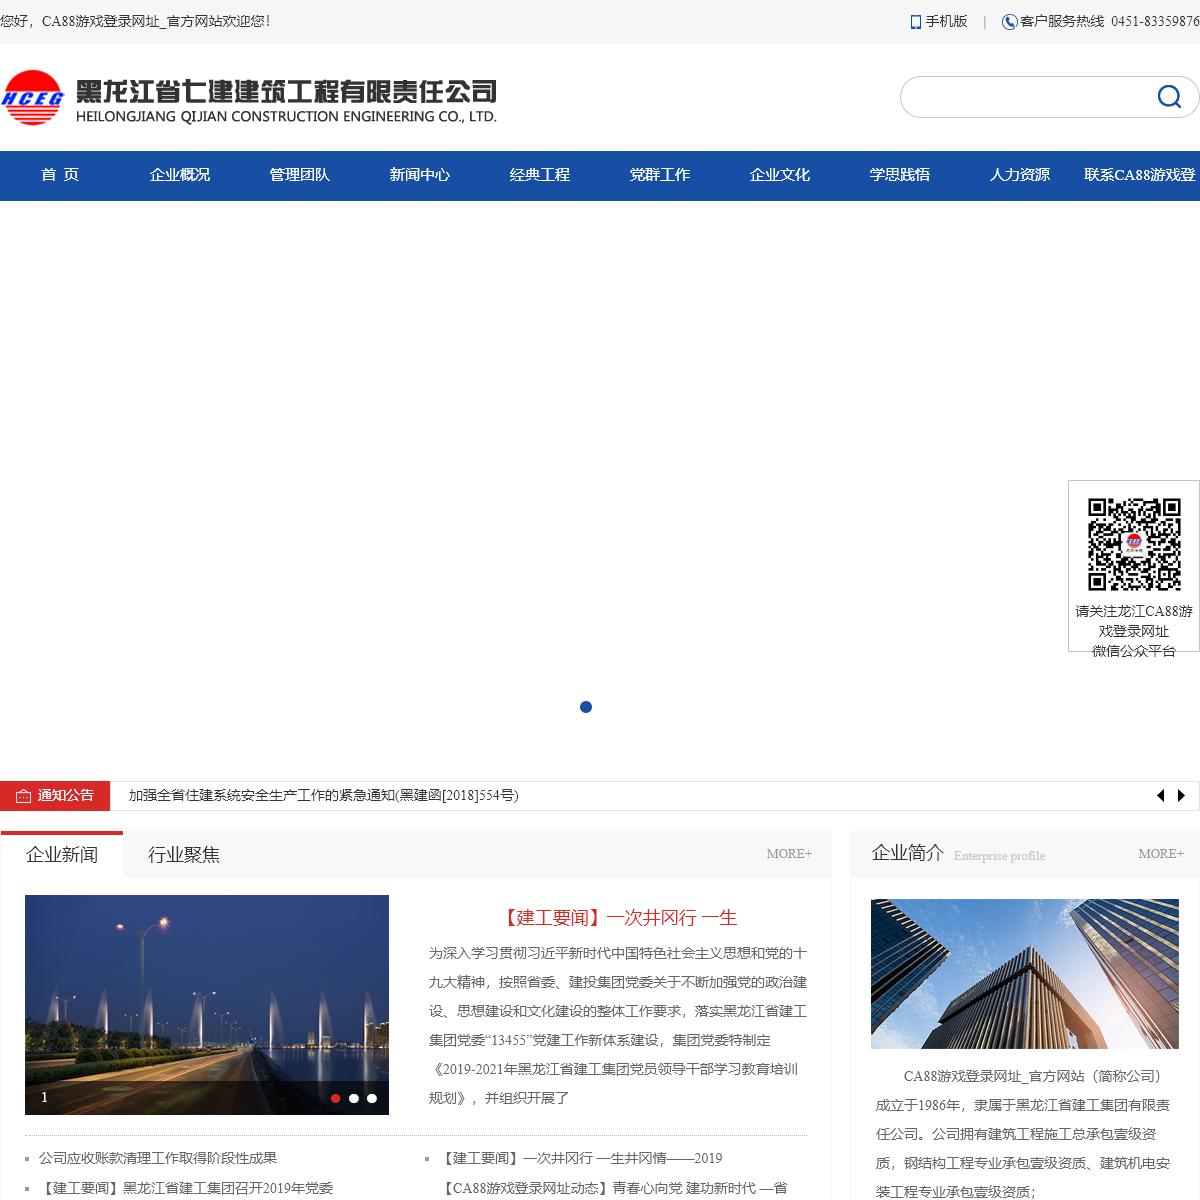 CA88游戏登录网址_官方网站